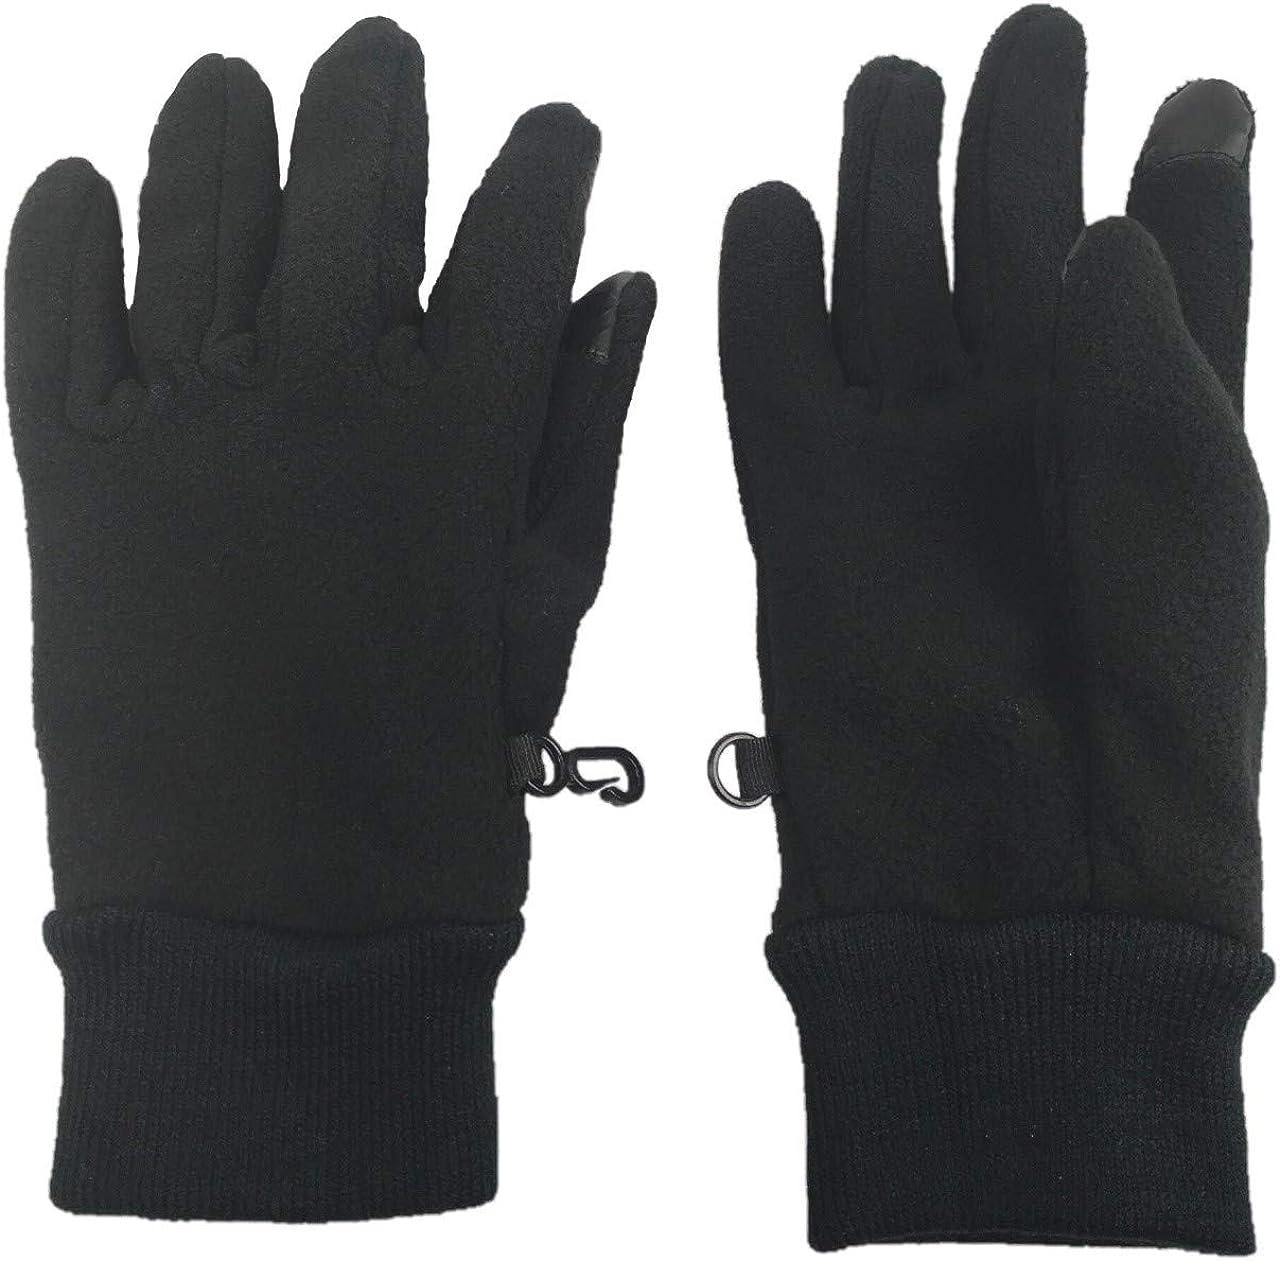 N'Ice Caps Women's Warm Sherpa Lined Fleece Touchscreen Gloves